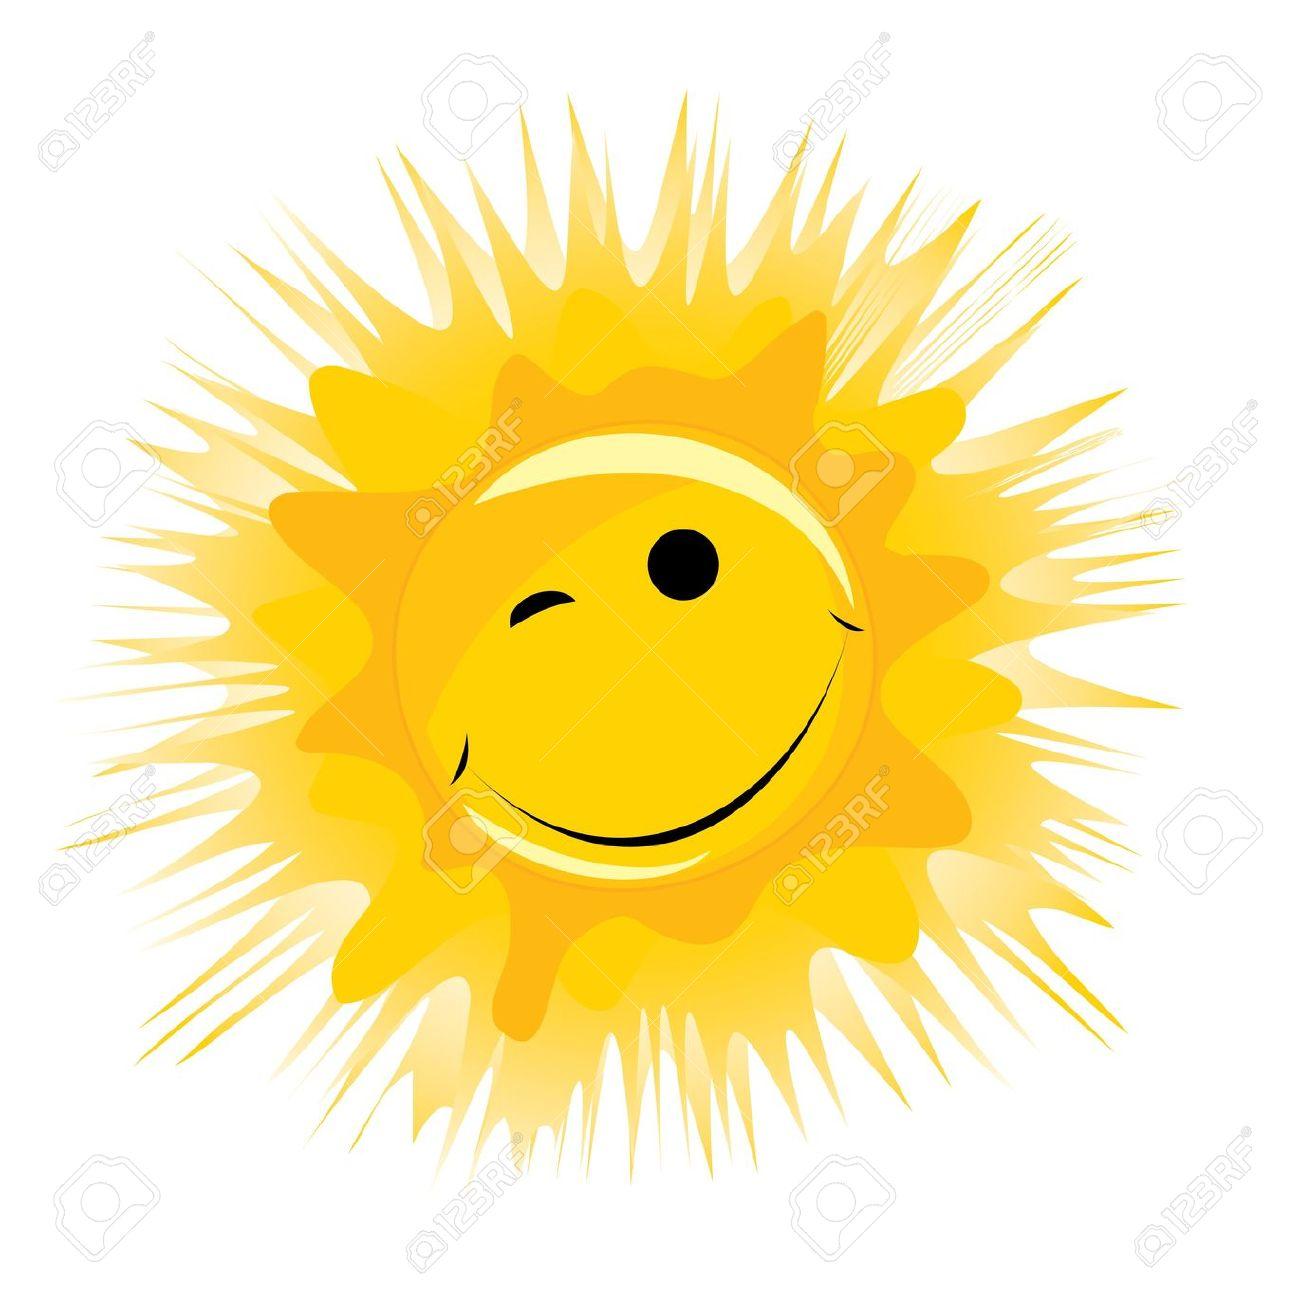 Le soleil clipart clipart transparent Clipart soleil clin d'oeil - ClipartFox clipart transparent